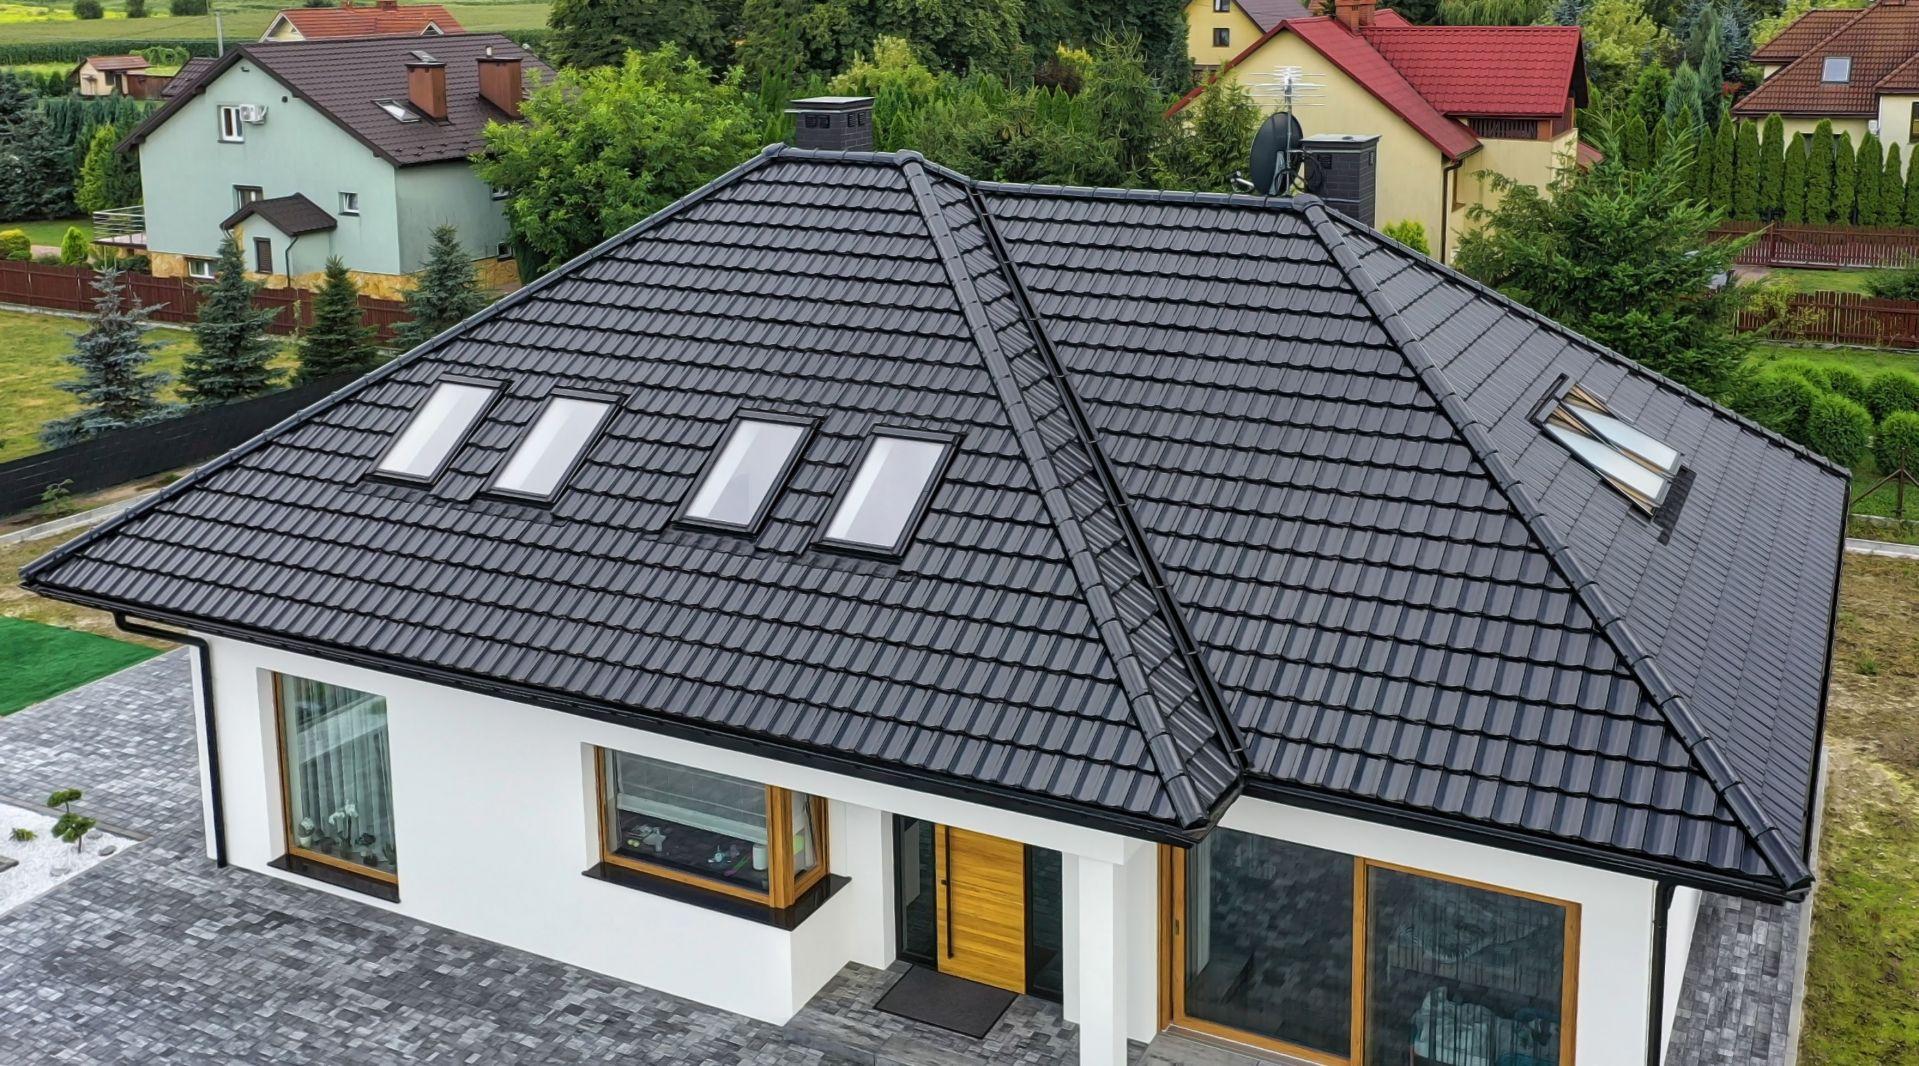 Wybór pomiędzy dachówką w wersji glazurowanej a angobowanej to w dużej mierze kwestia gustu i indywidualnych oczekiwań estetycznych. Na zdjęciu: dachówka ceramiczna Cantus Finesse, czarna glazurowana. Fot. Creaton